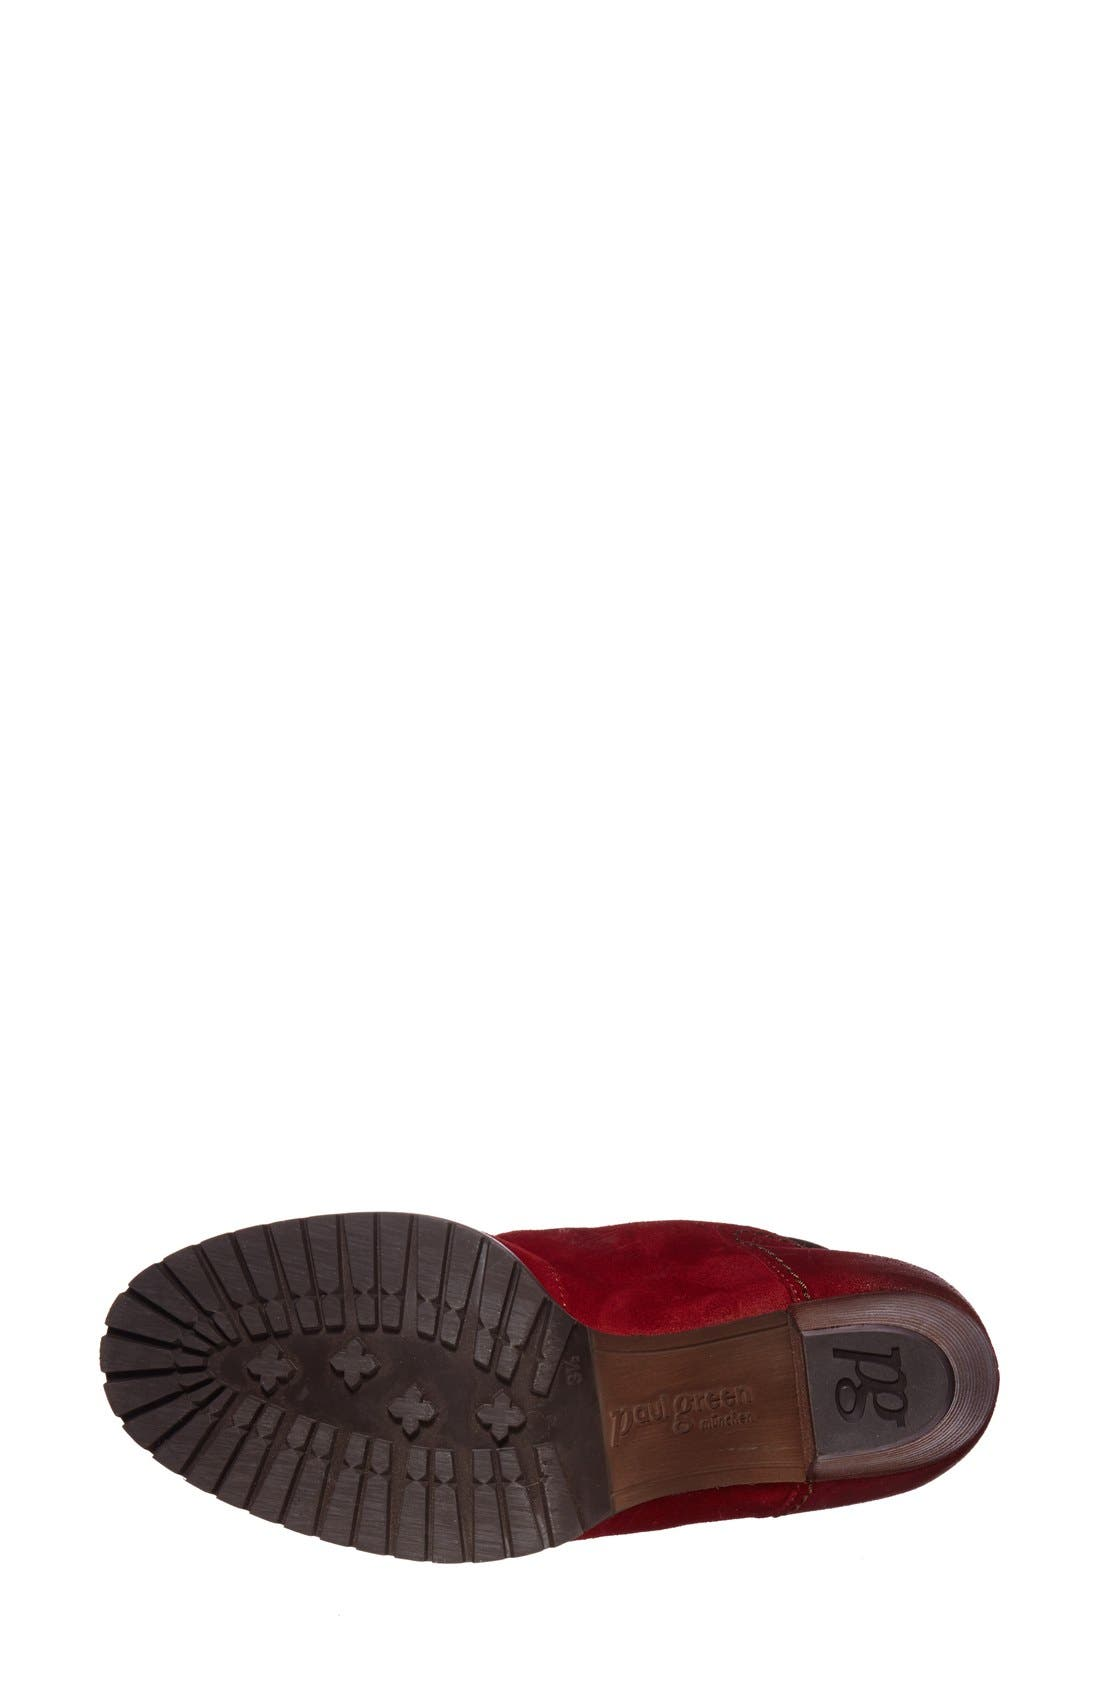 Alternate Image 4  - Paul Green 'Boise' Leather Bootie (Women)